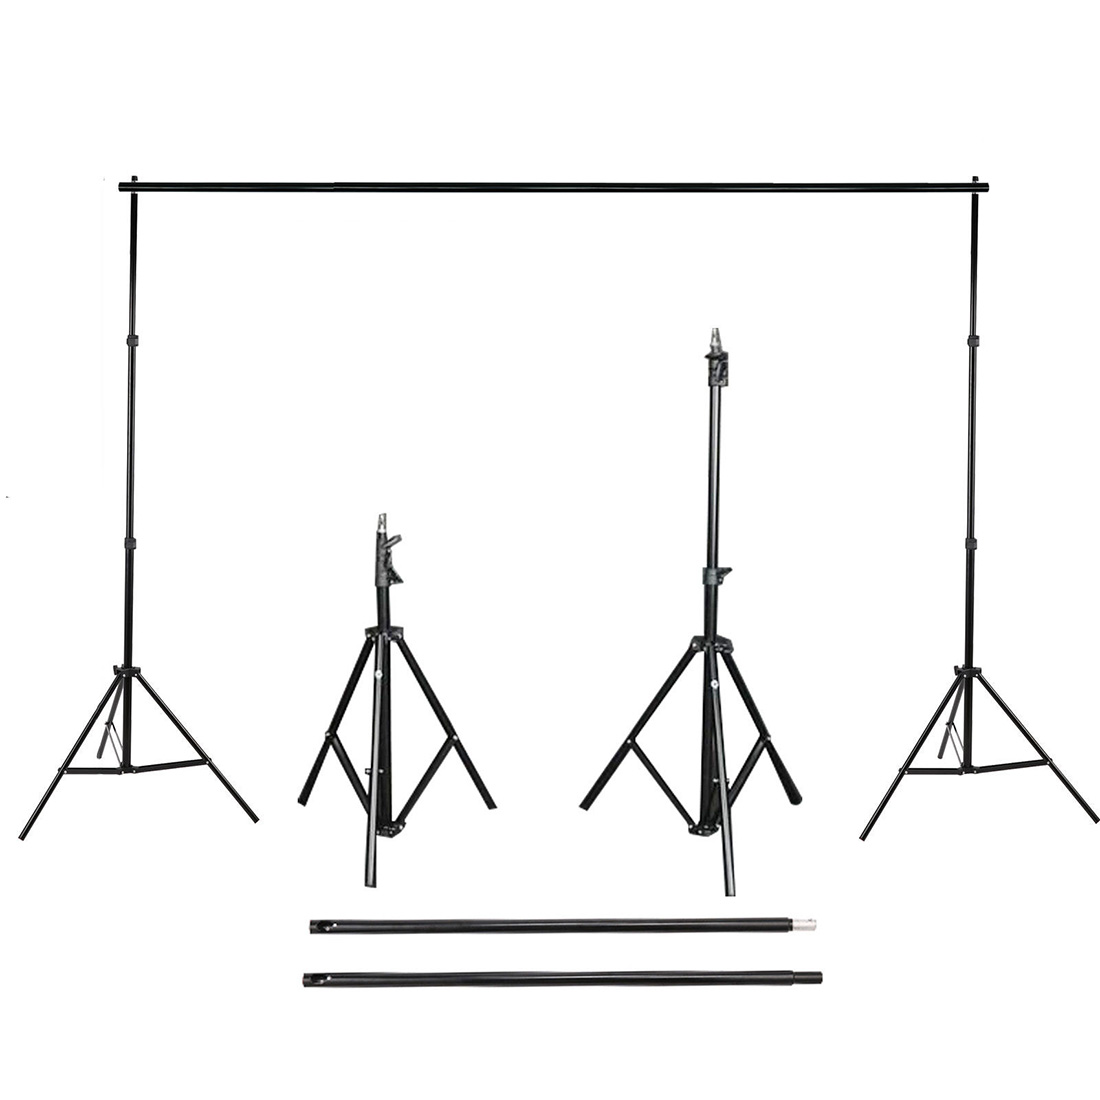 Meilleures Offres 2.8 m x 3 m Photo Fond de Studio Support Toile De Fond Stand Kit + Sac de Transport Gratuit